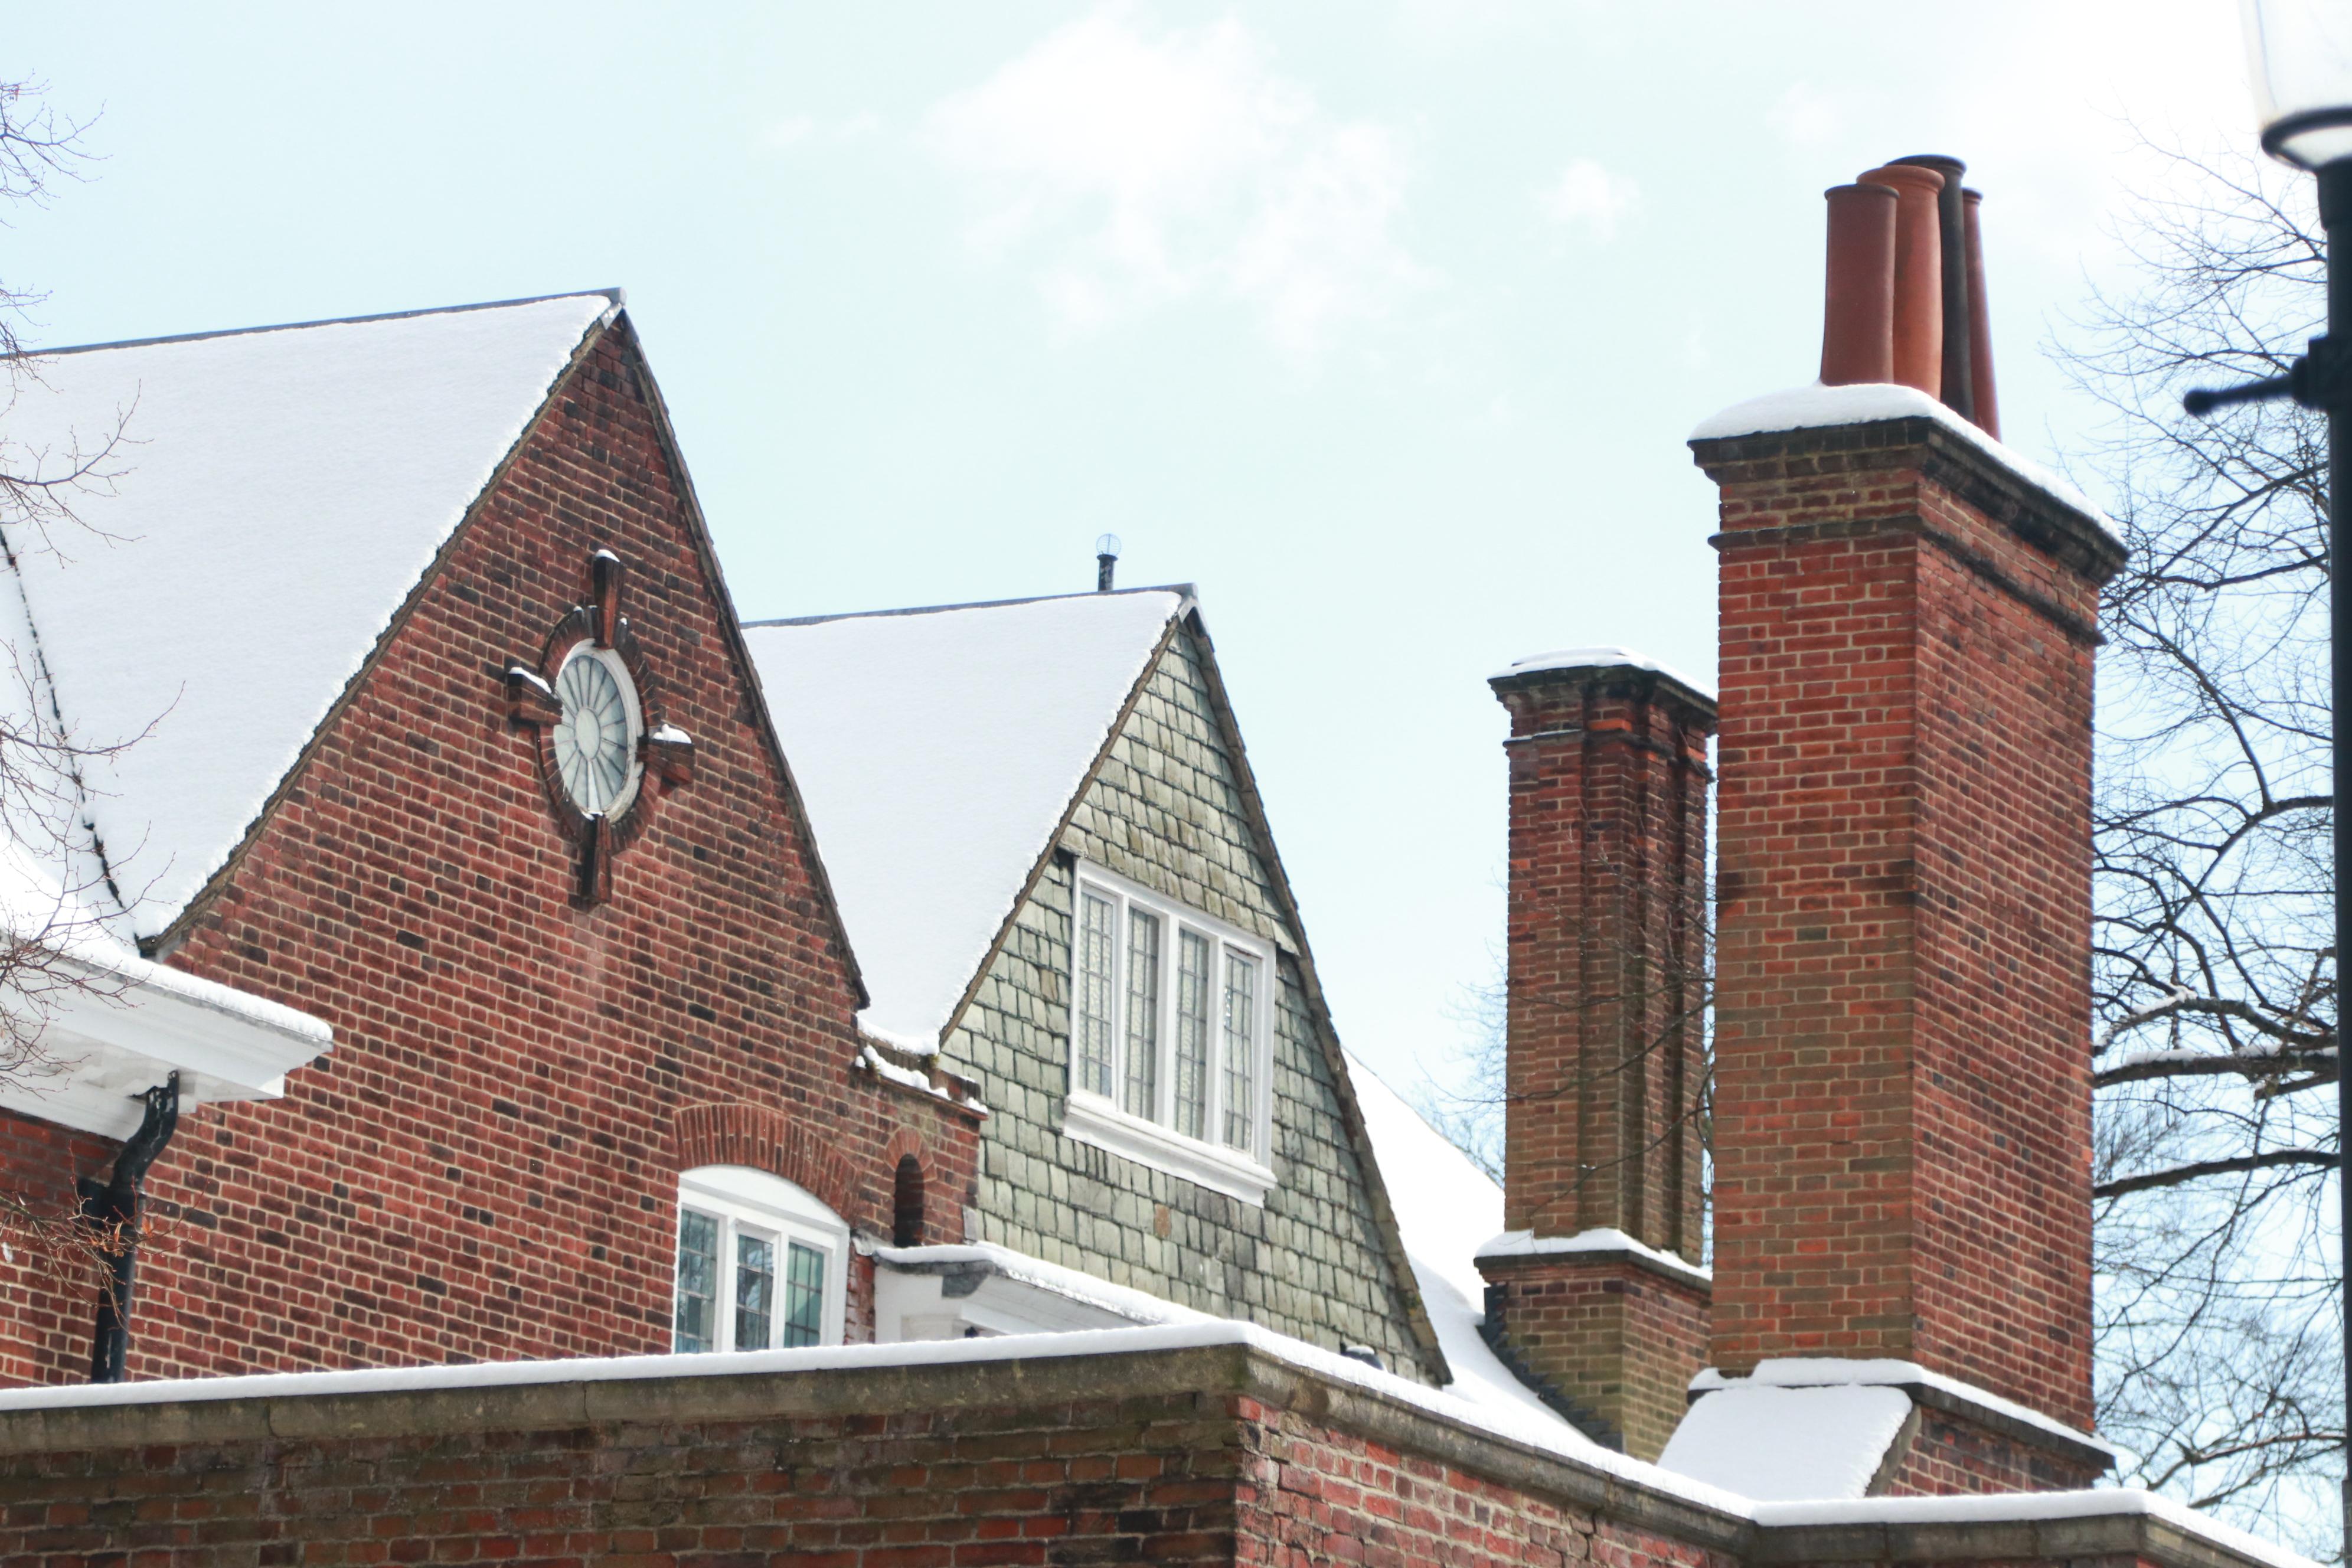 telhado de casas britânicas com neve. Tijolos à mostra.